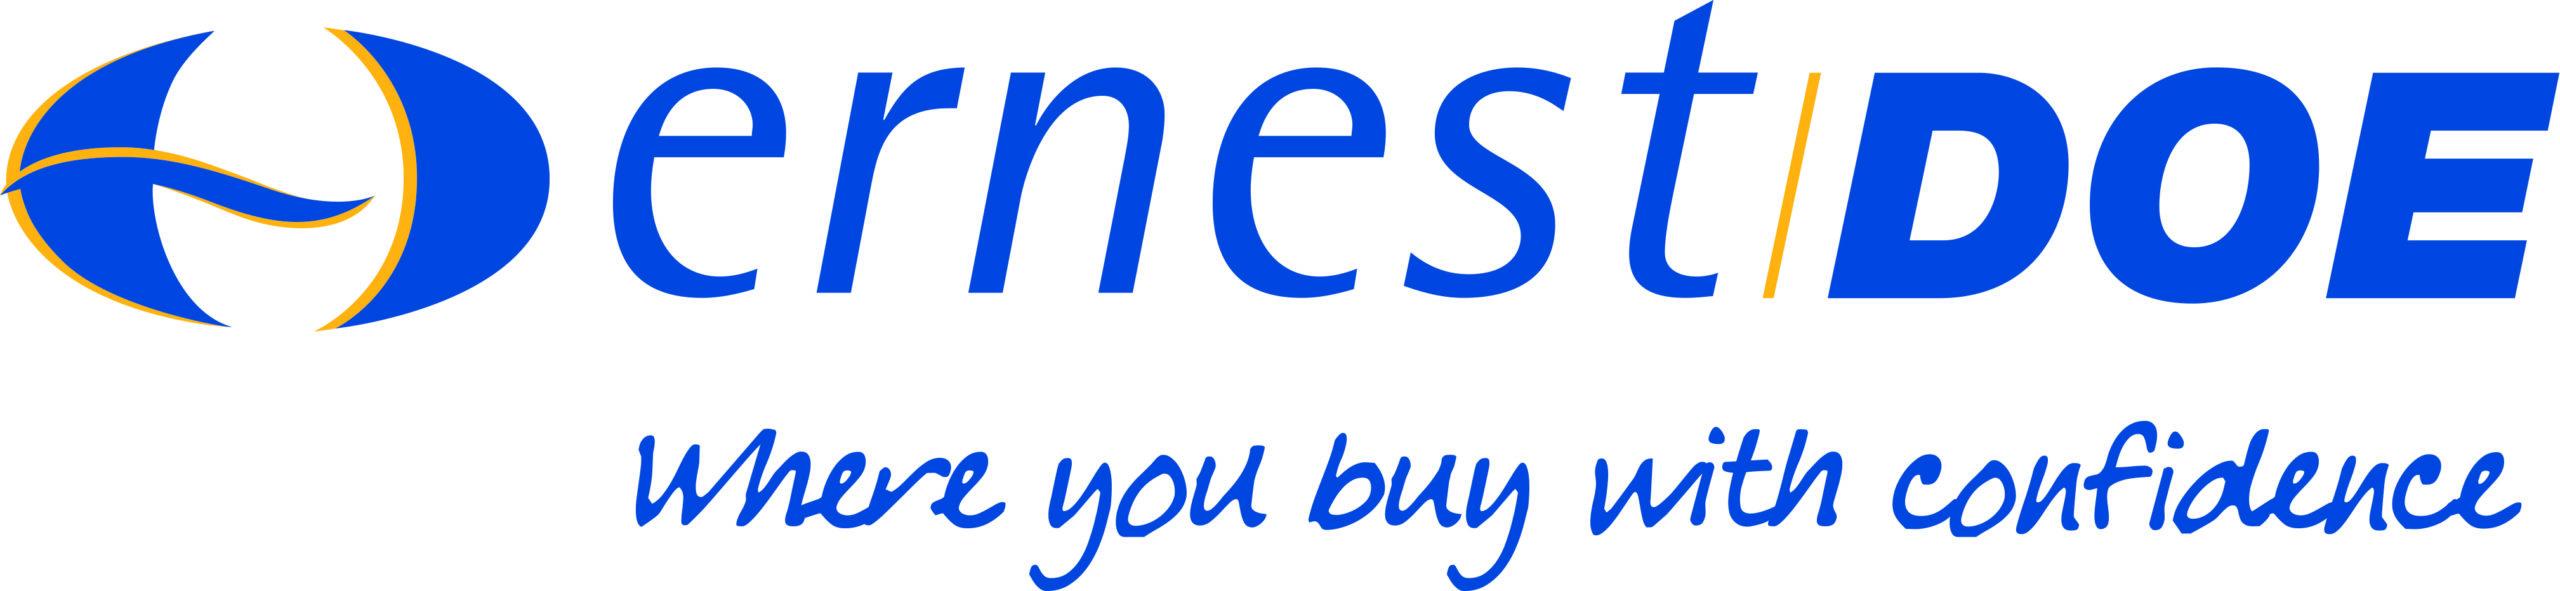 Ernest Doe & Sons Limited (Kent)